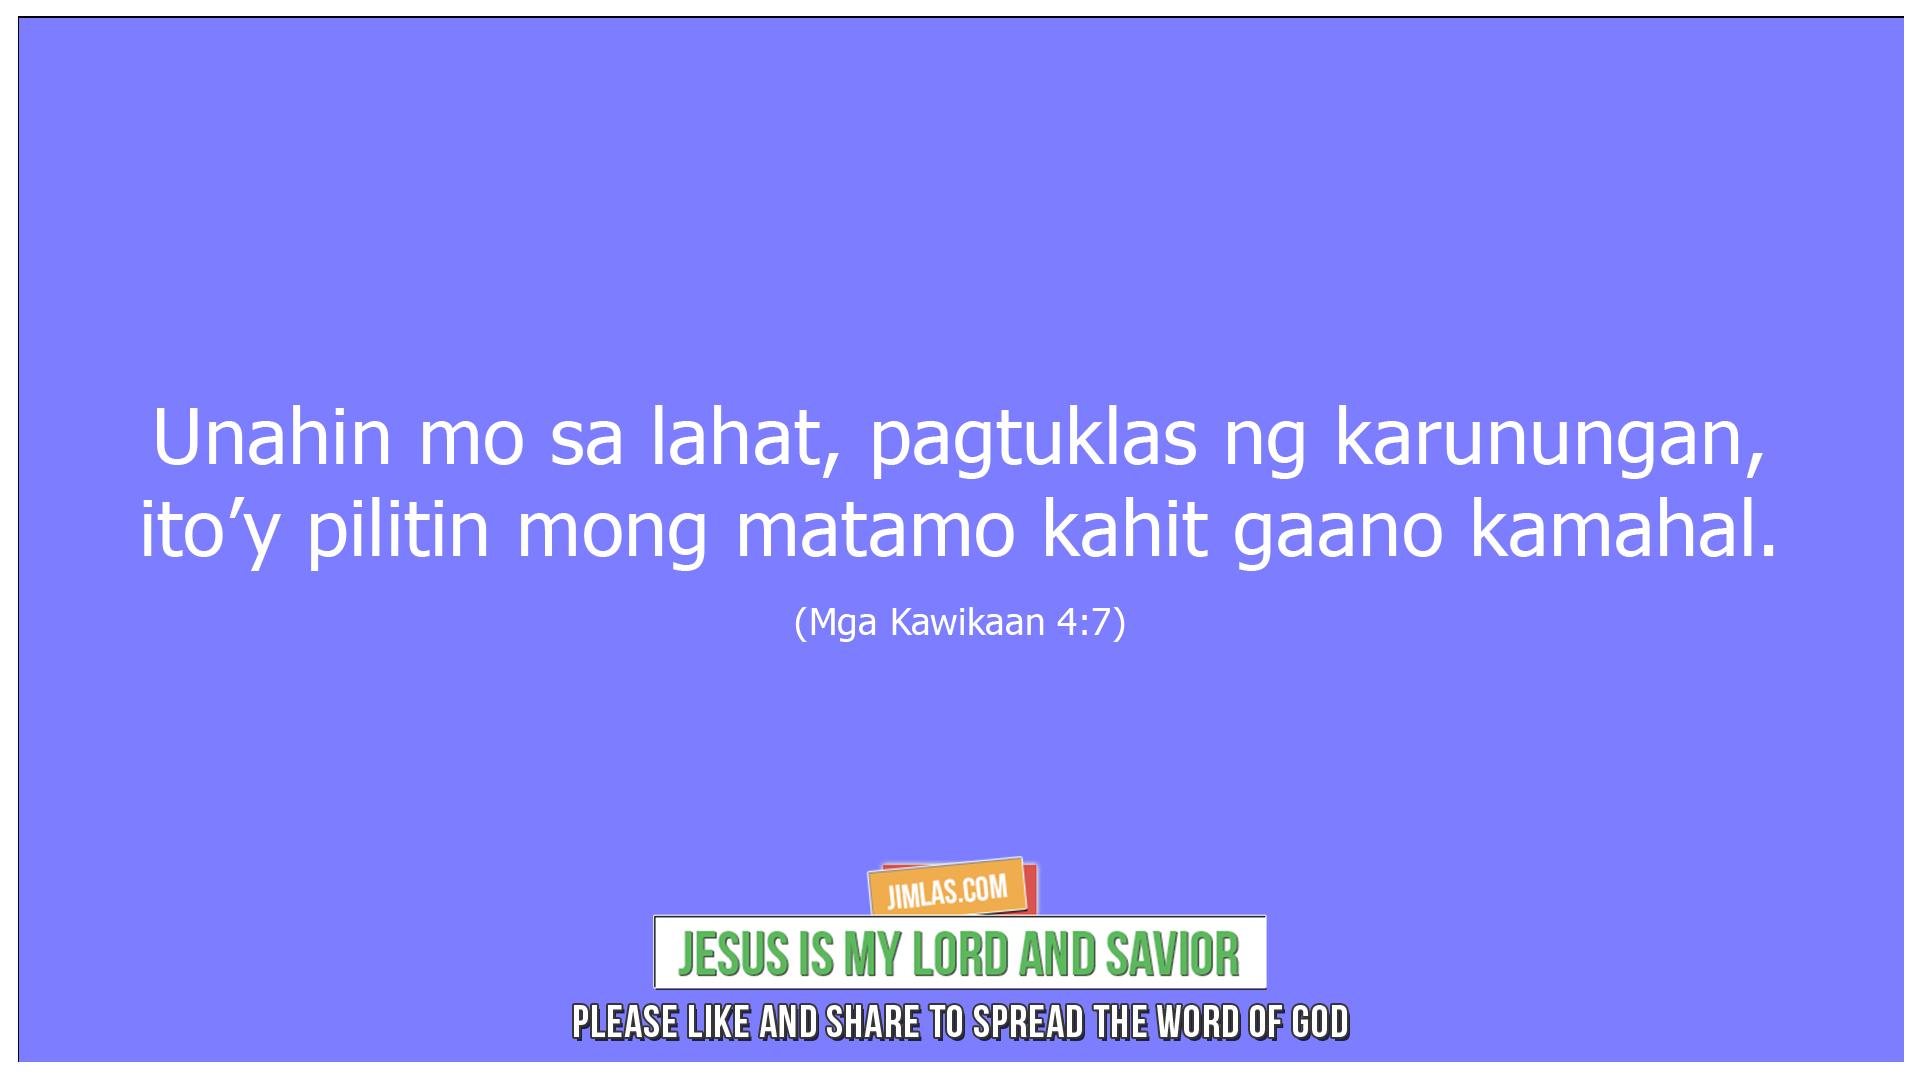 mga kawikaan 4 7, Mga Kawikaan 4:7